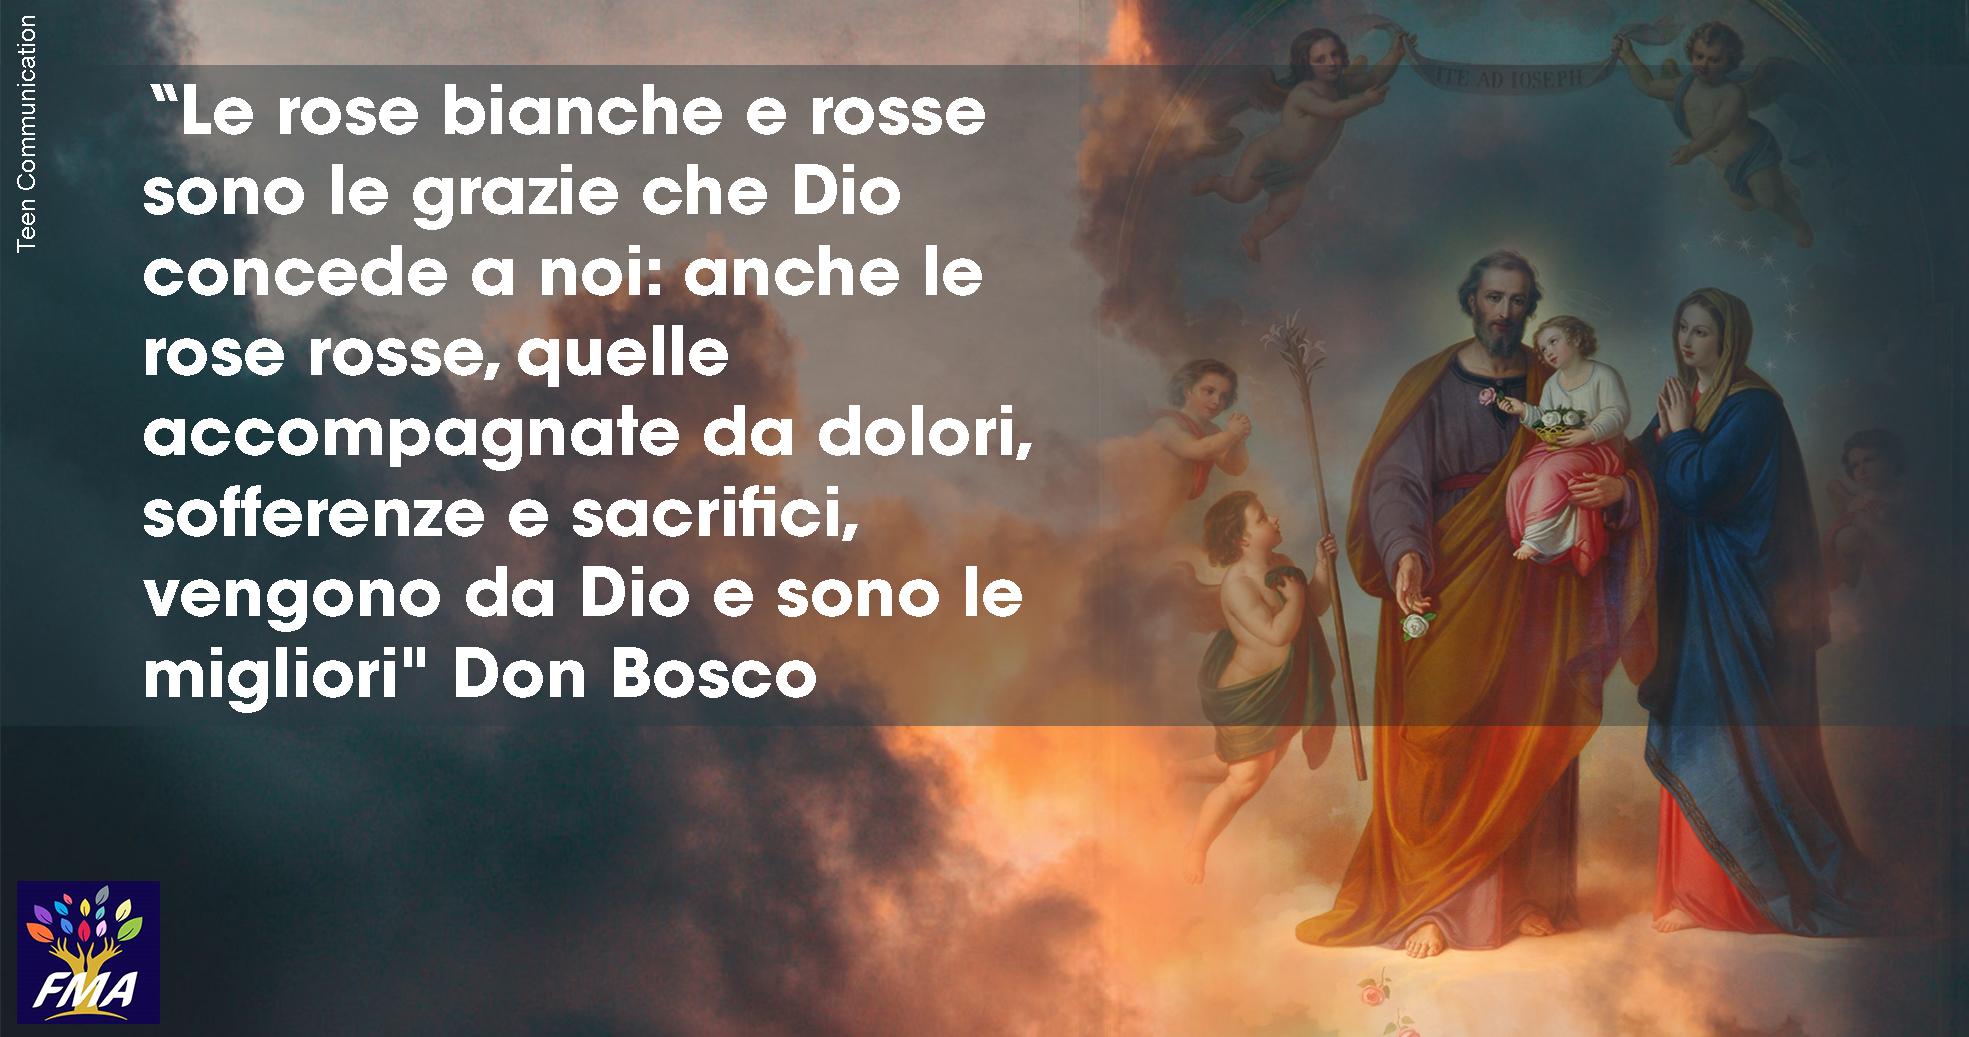 Don Bosco e e la devozione a San Giuseppe